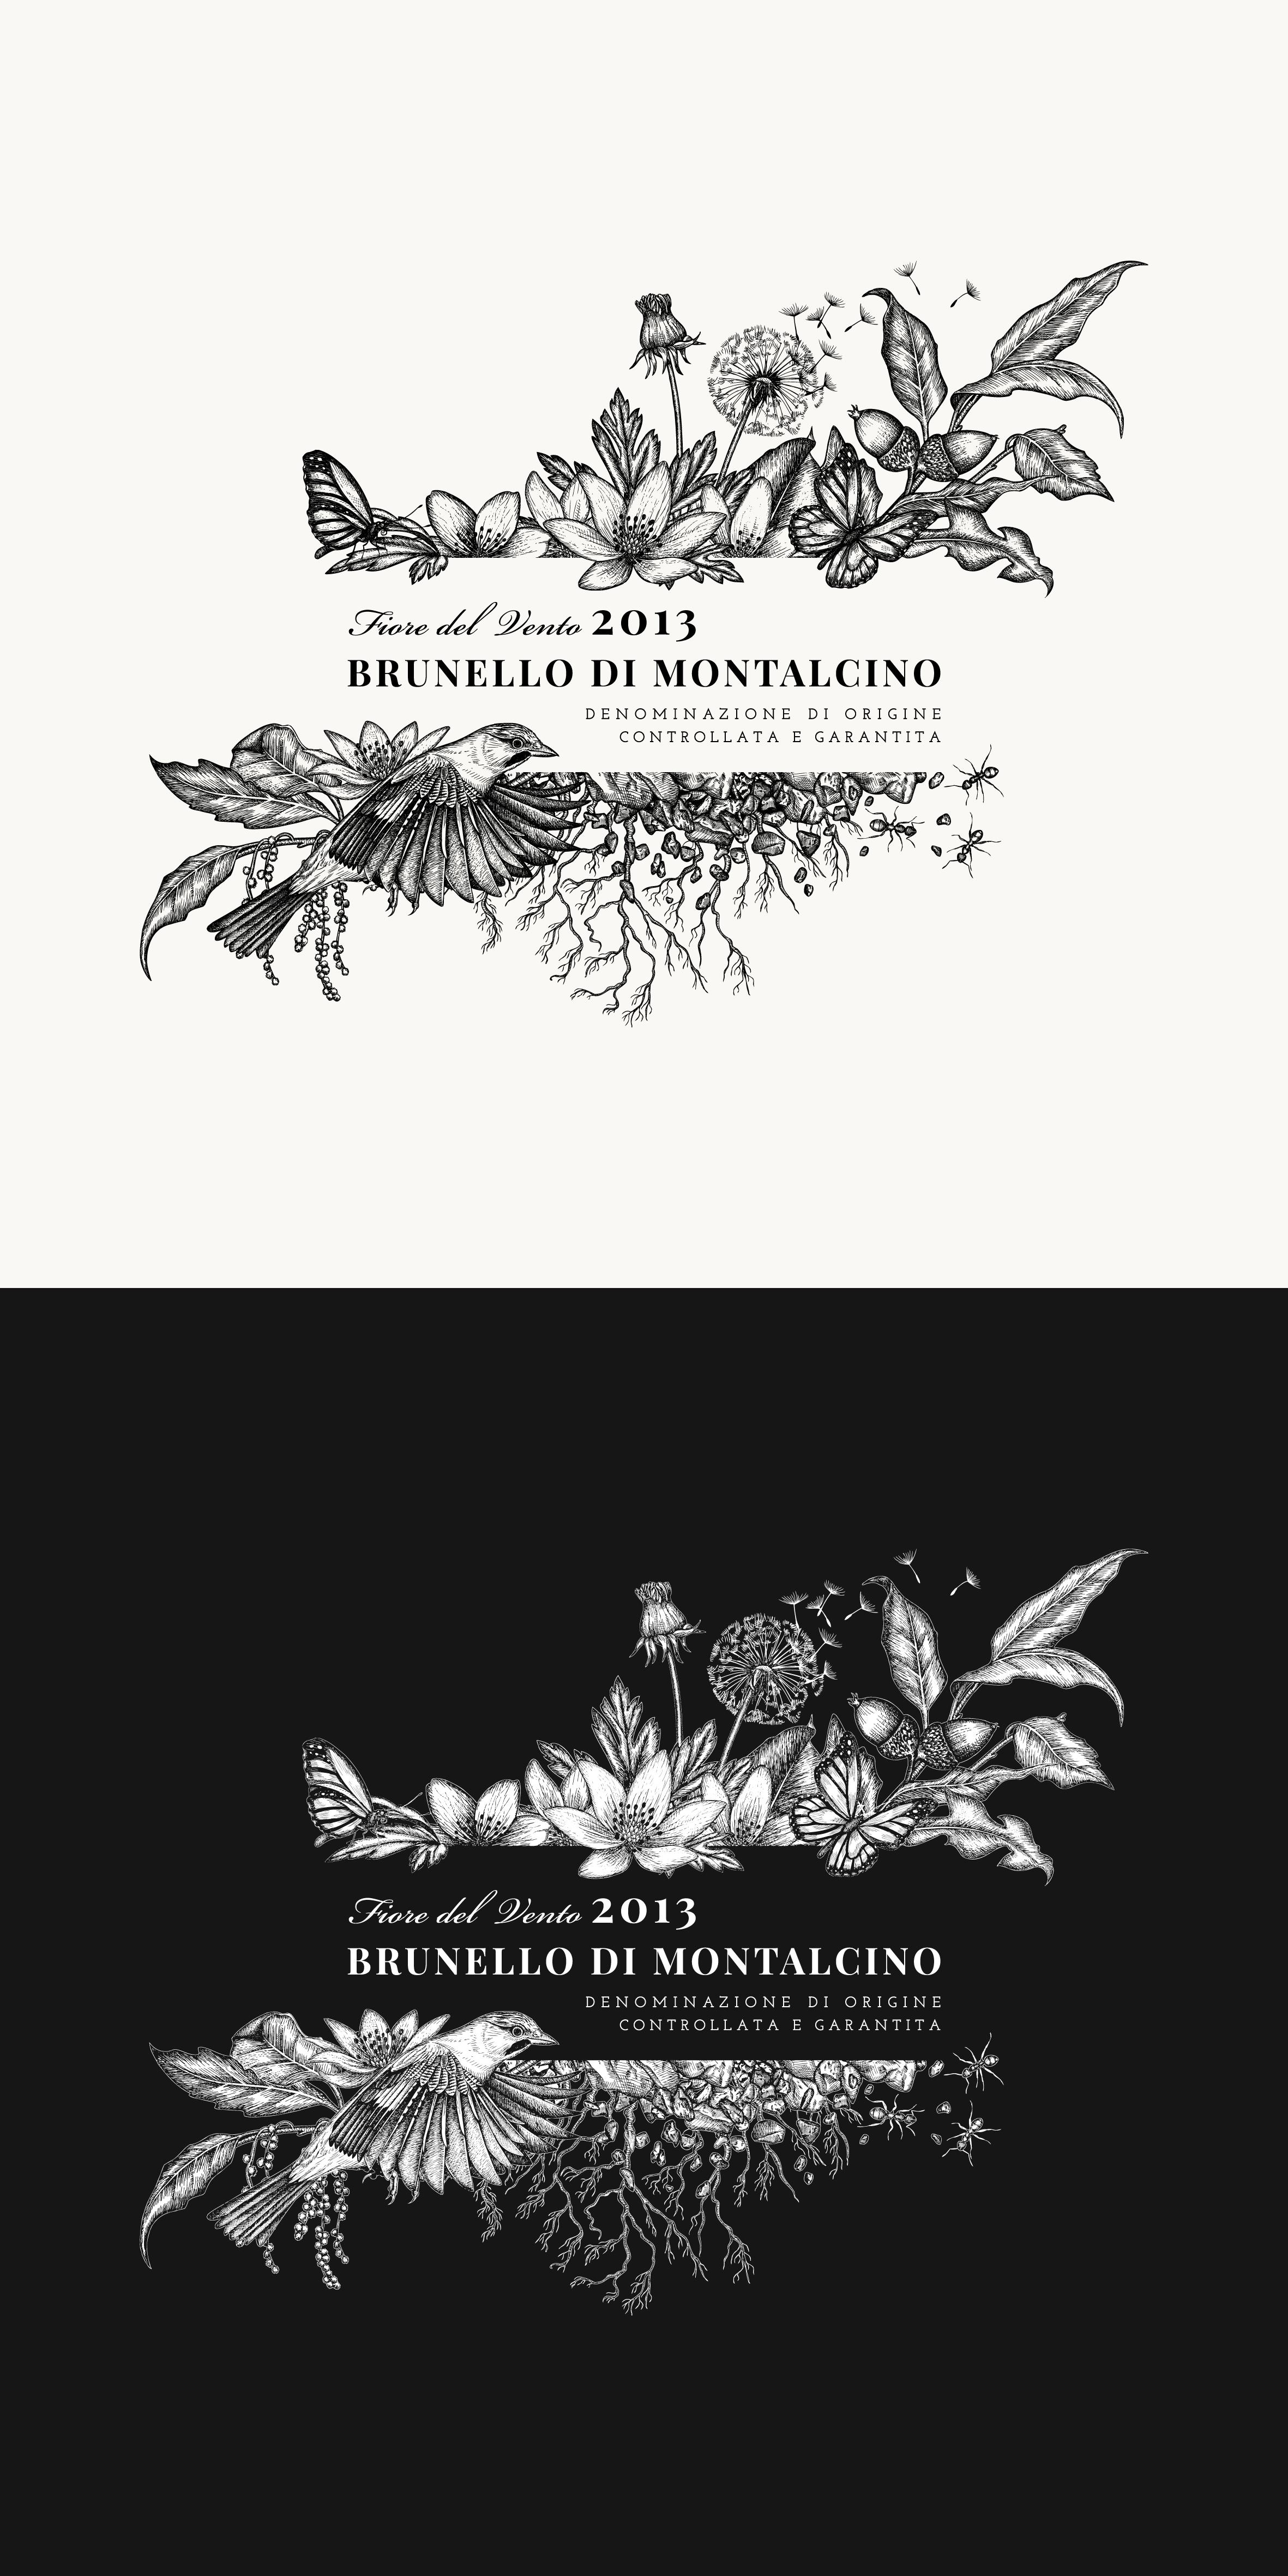 Corte Pavone - Brunello di Montalcino 2013 - Fiore del Vento